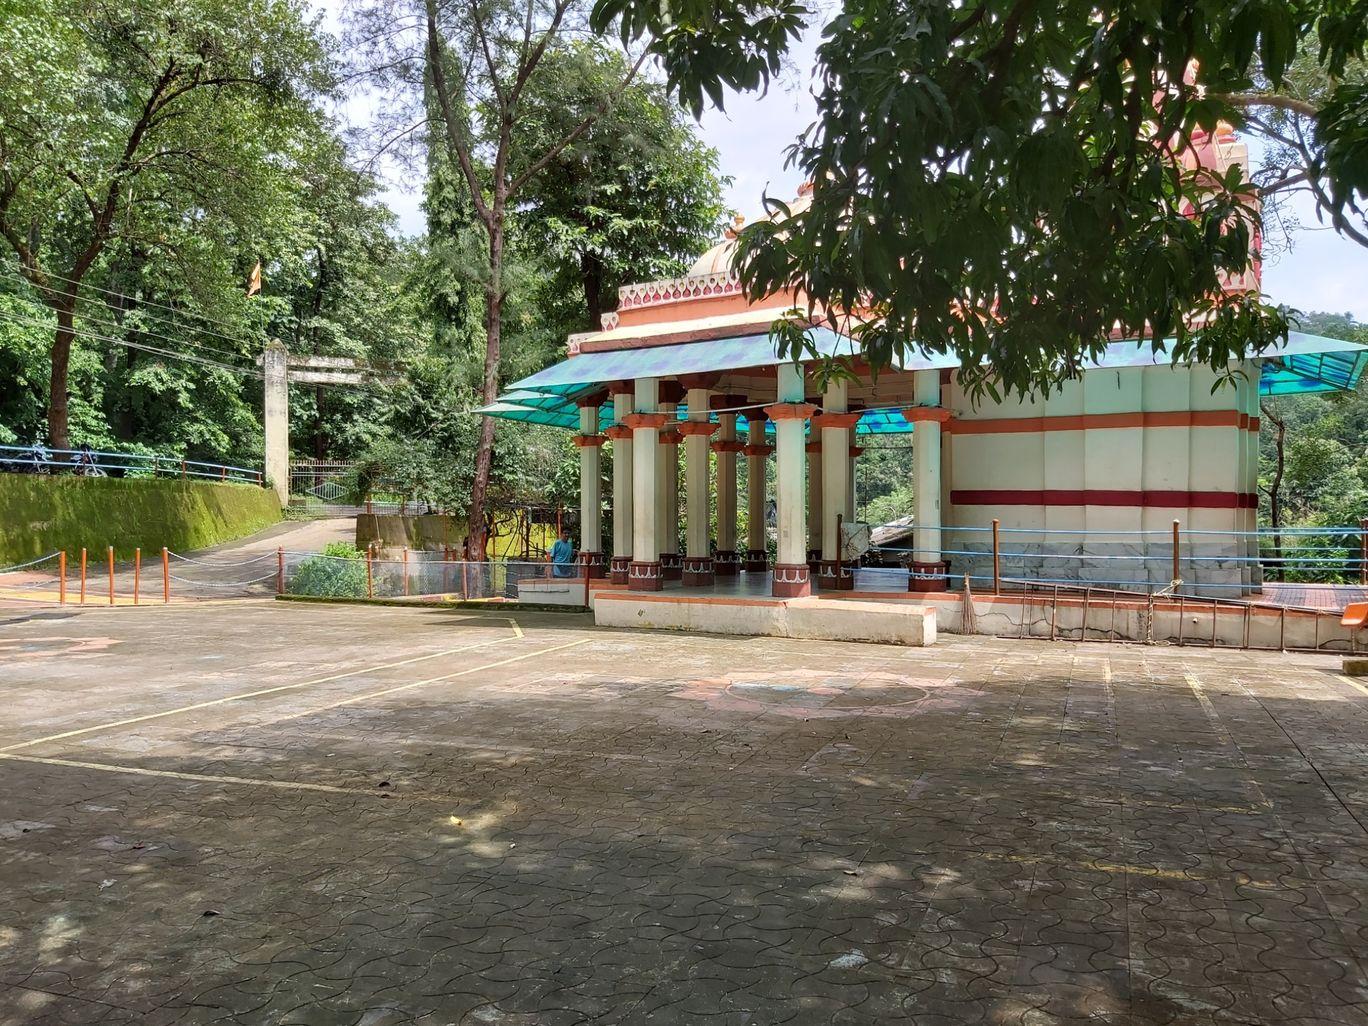 Photo of Devbandh By Keyur Pisolkar